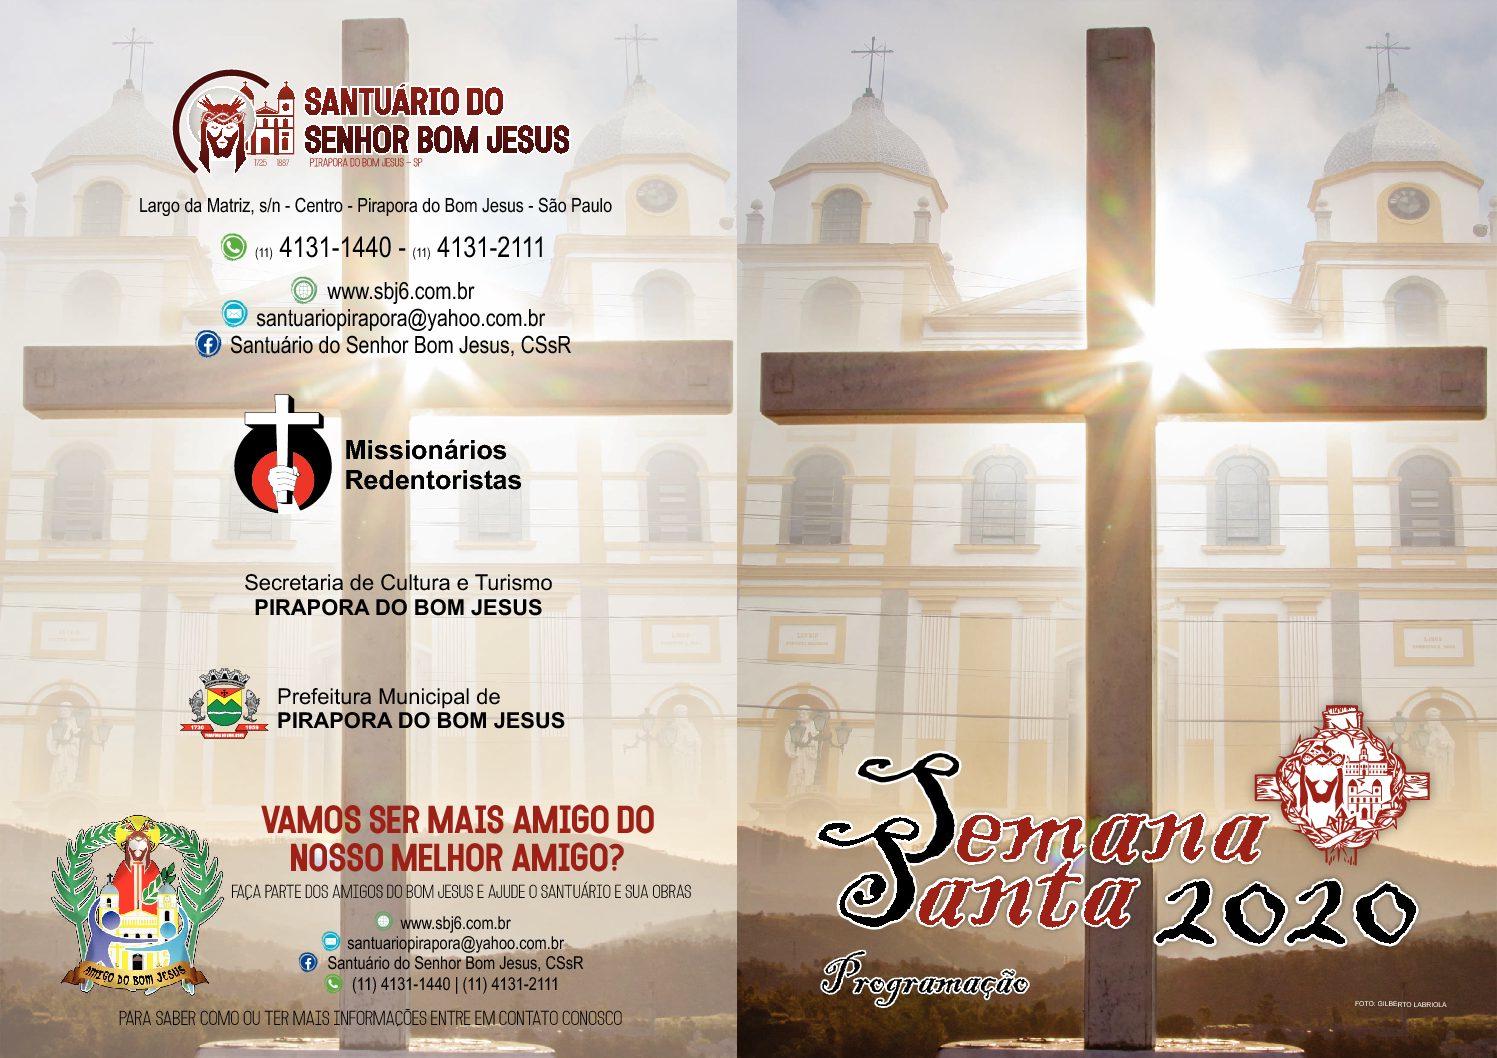 SEMANA SANTA 2020 – SANTUÁRIO DO SENHOR BOM JESUS